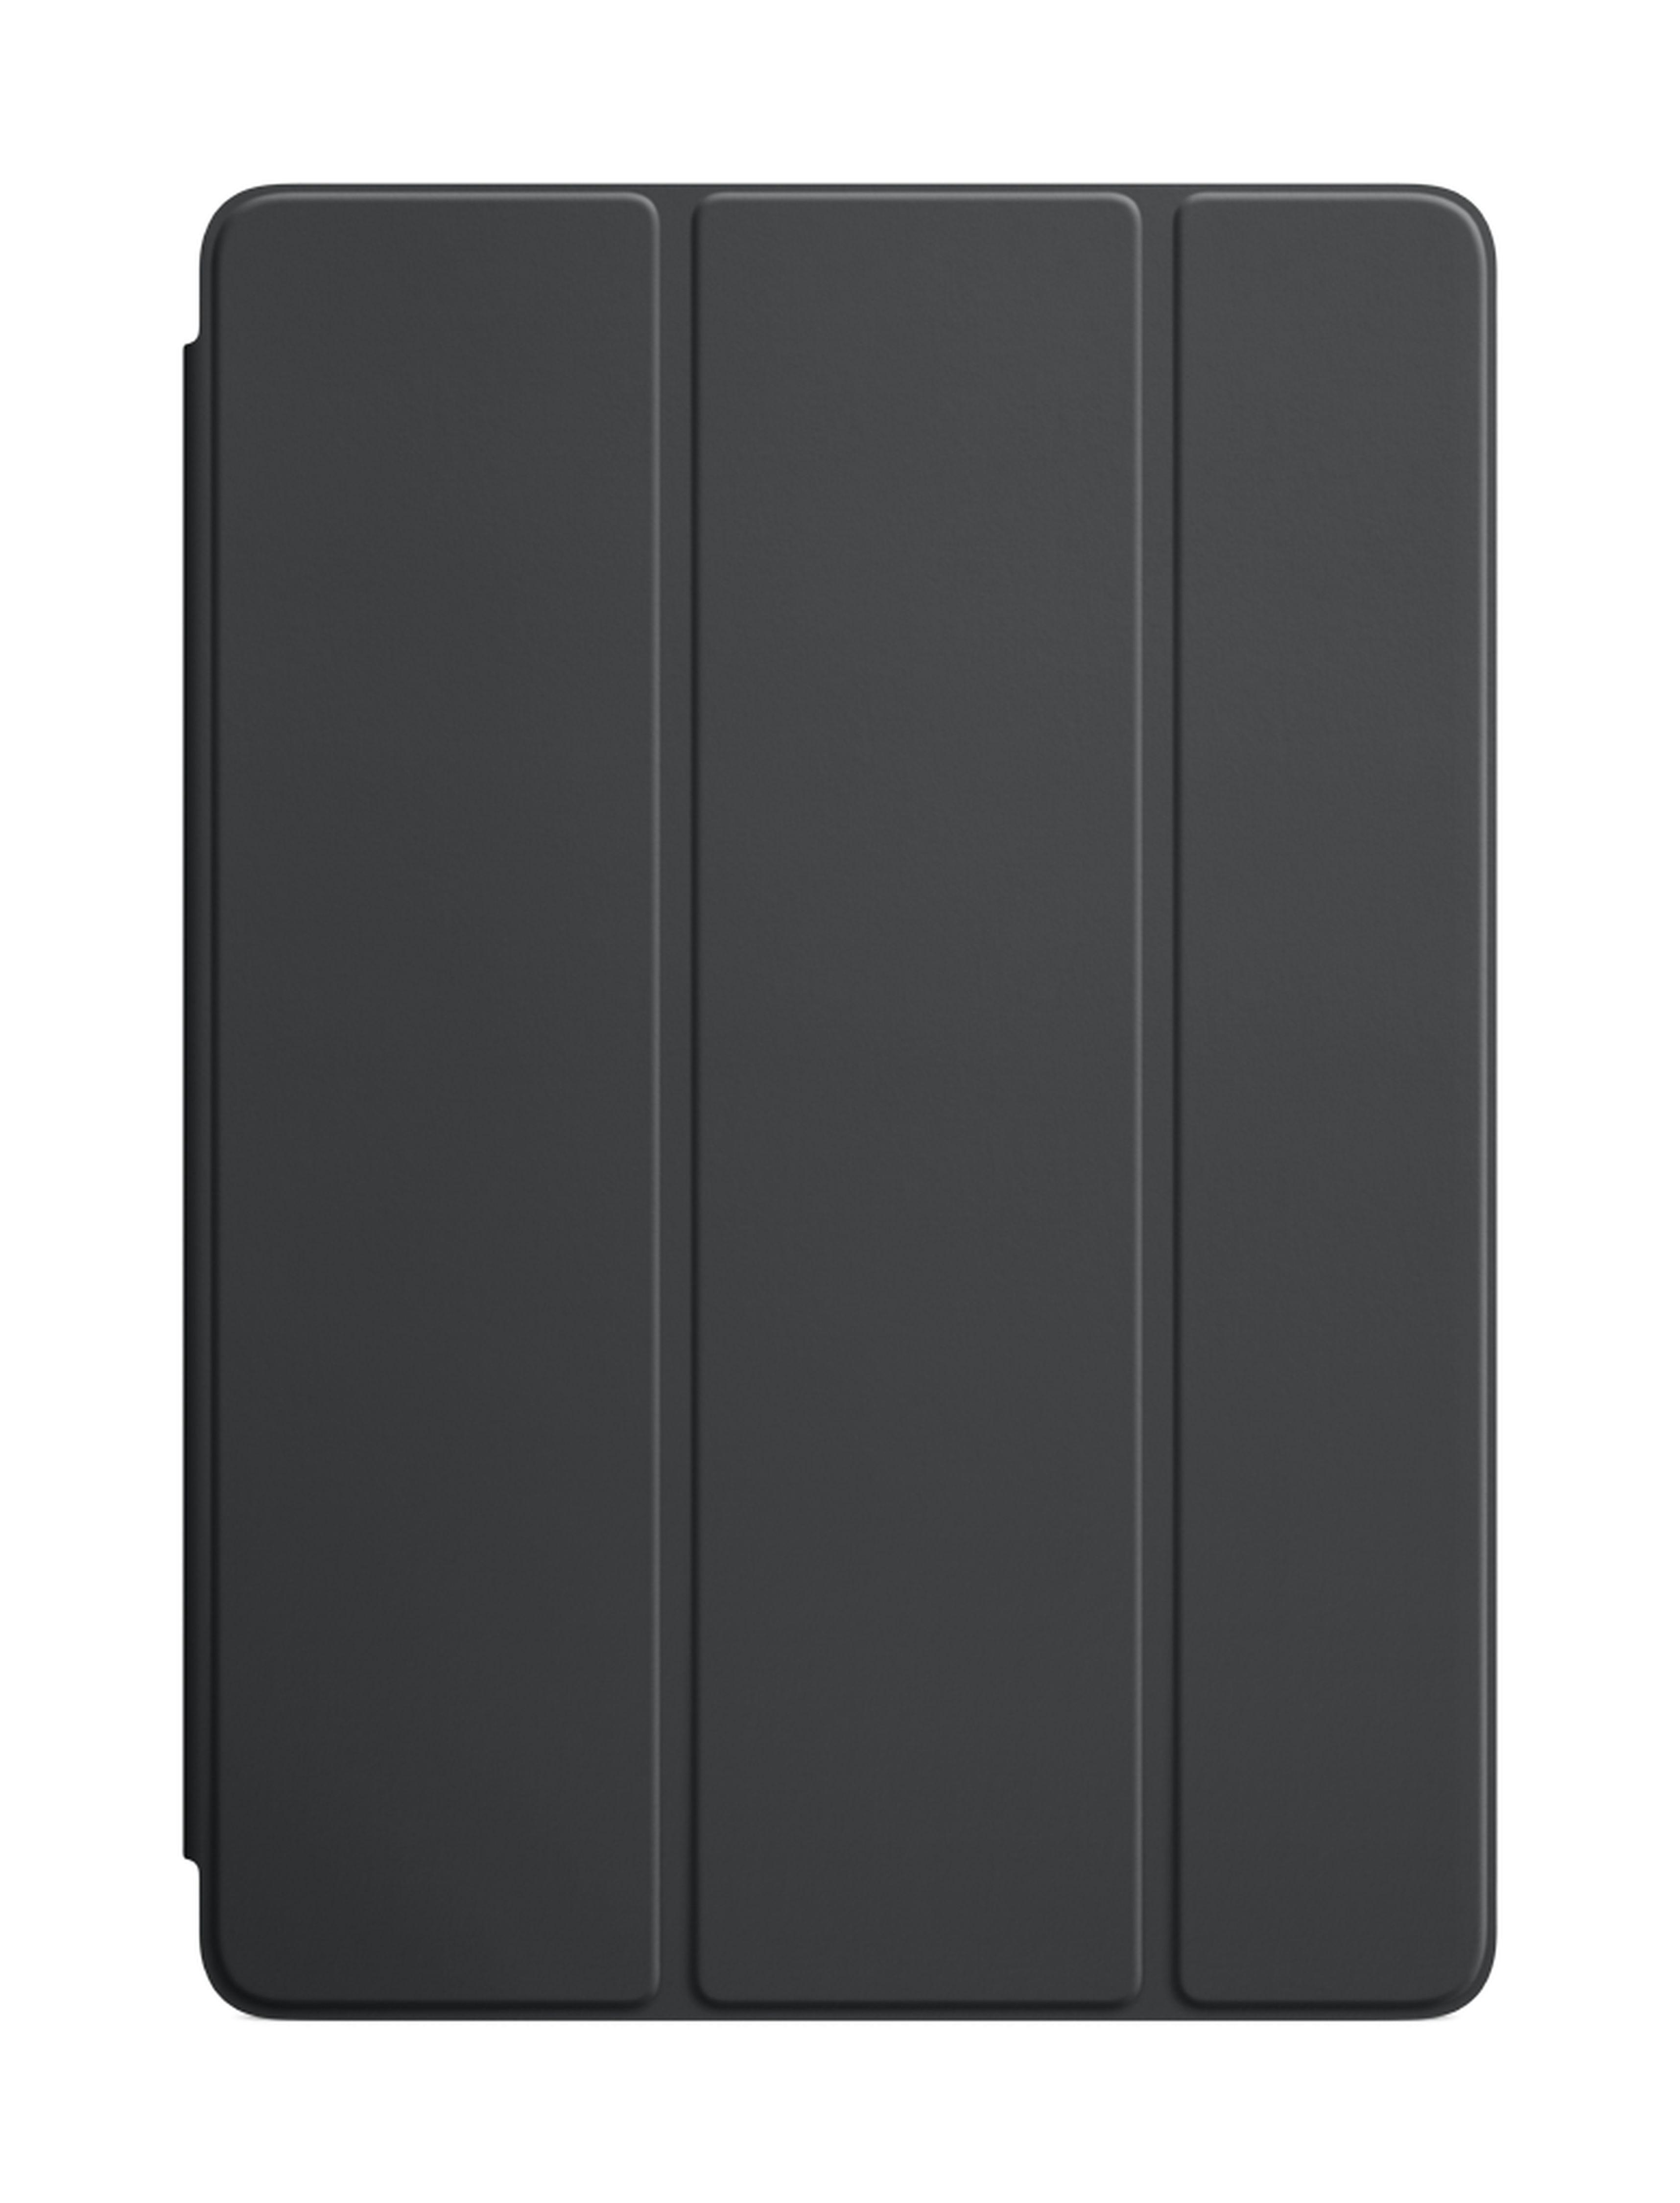 APPLE Schutzhülle »iPad Air 1, 2 Smart Cover Schwarz (MGTM2ZM/A)«